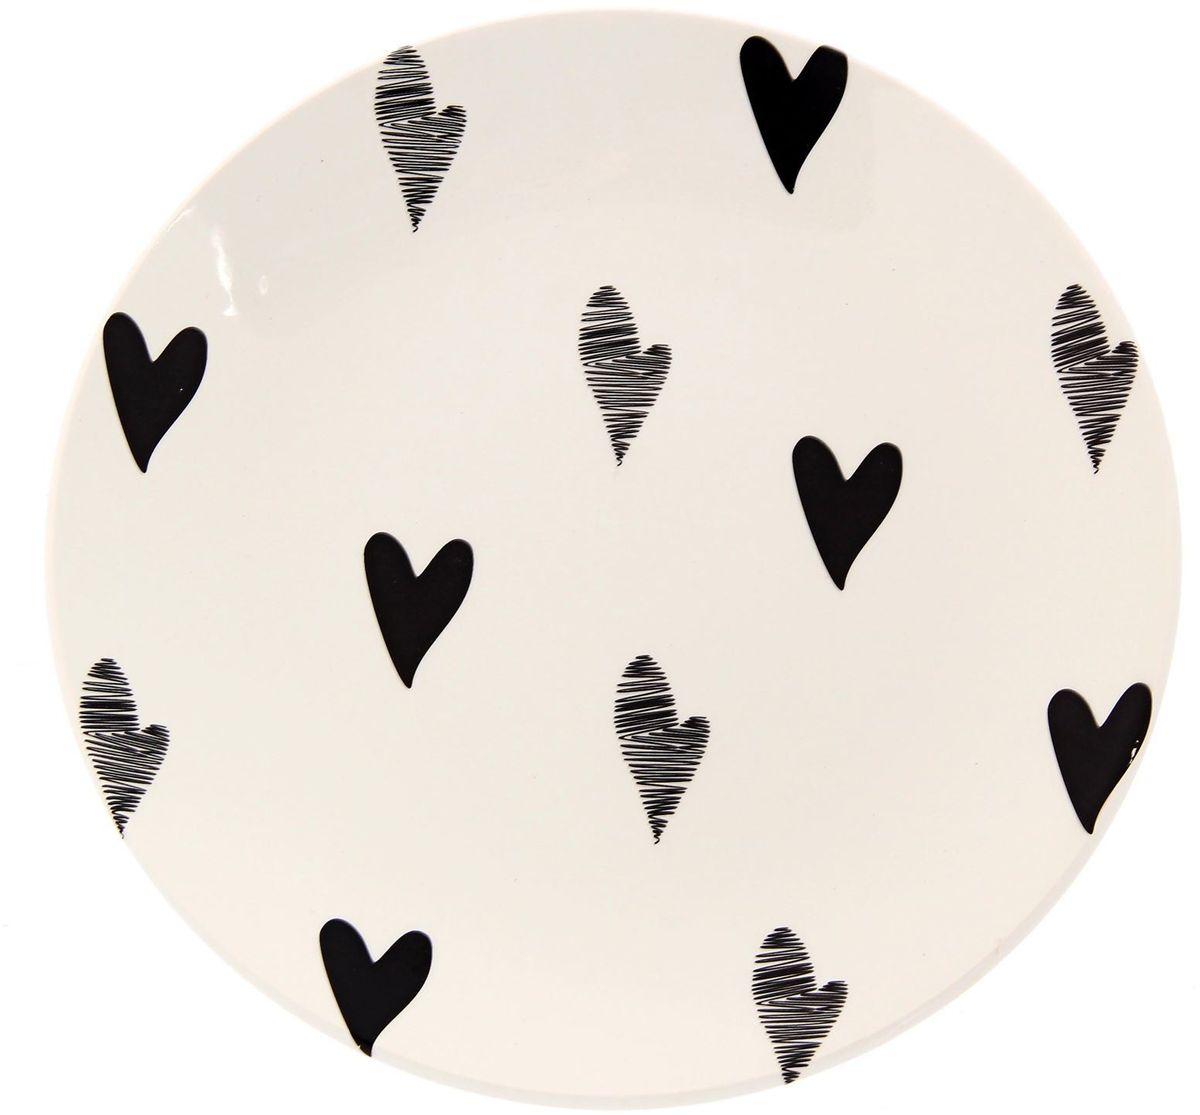 Тарелка Сотвори чудо Маленькое сердце, диаметр 22 см2277891Хотите обновить интерьер кухни или гостиной? Устраиваете необычную фотосессию или тематический праздник? А может, просто ищете подарок для близкого человека? Посуда « Сотвори Чудо» — правильный выбор в любой ситуации. Её достоинства: изящный фаянс нежного сливочного цвета; стойкость краски; пригодность для посудомоечных машин.